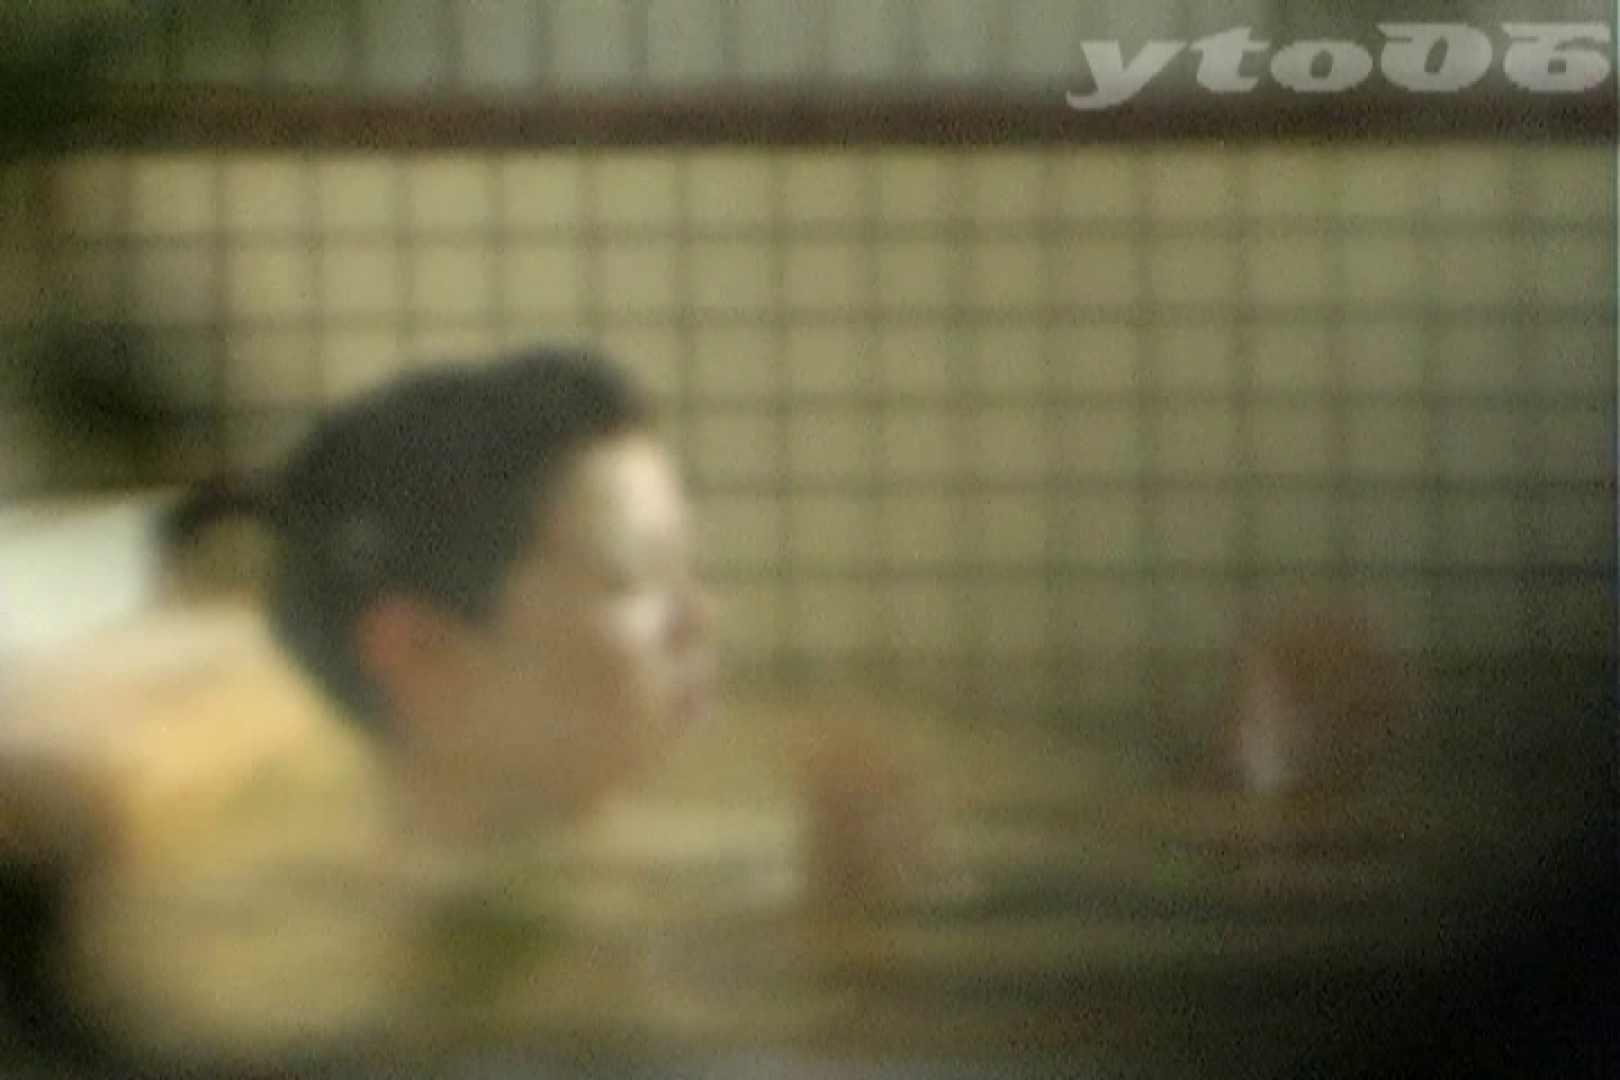 ▲復活限定▲合宿ホテル女風呂盗撮 Vol.34 盗撮編 おめこ無修正動画無料 107枚 27